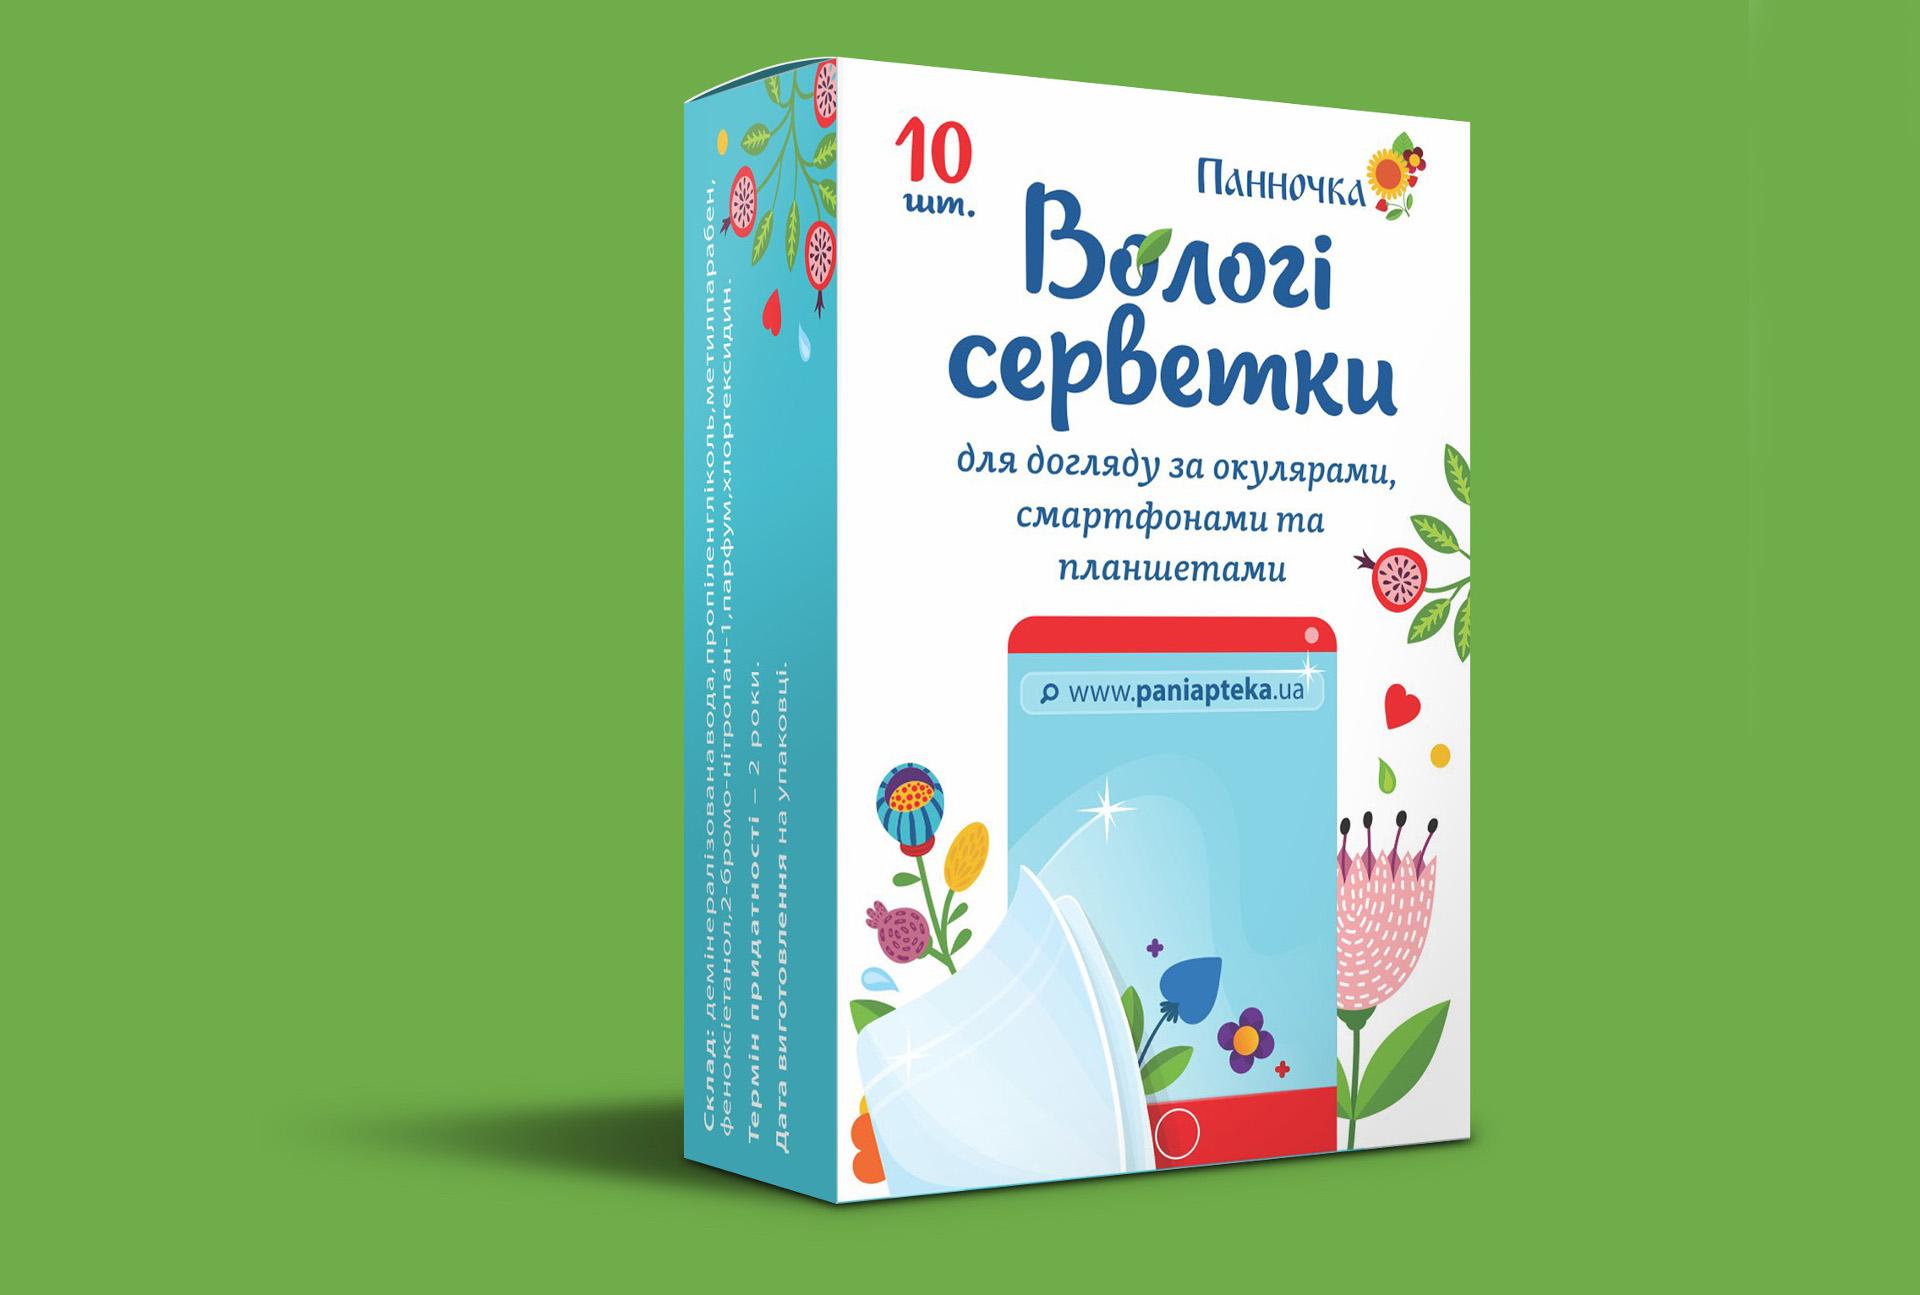 Создание дизайна аптечной упаковки